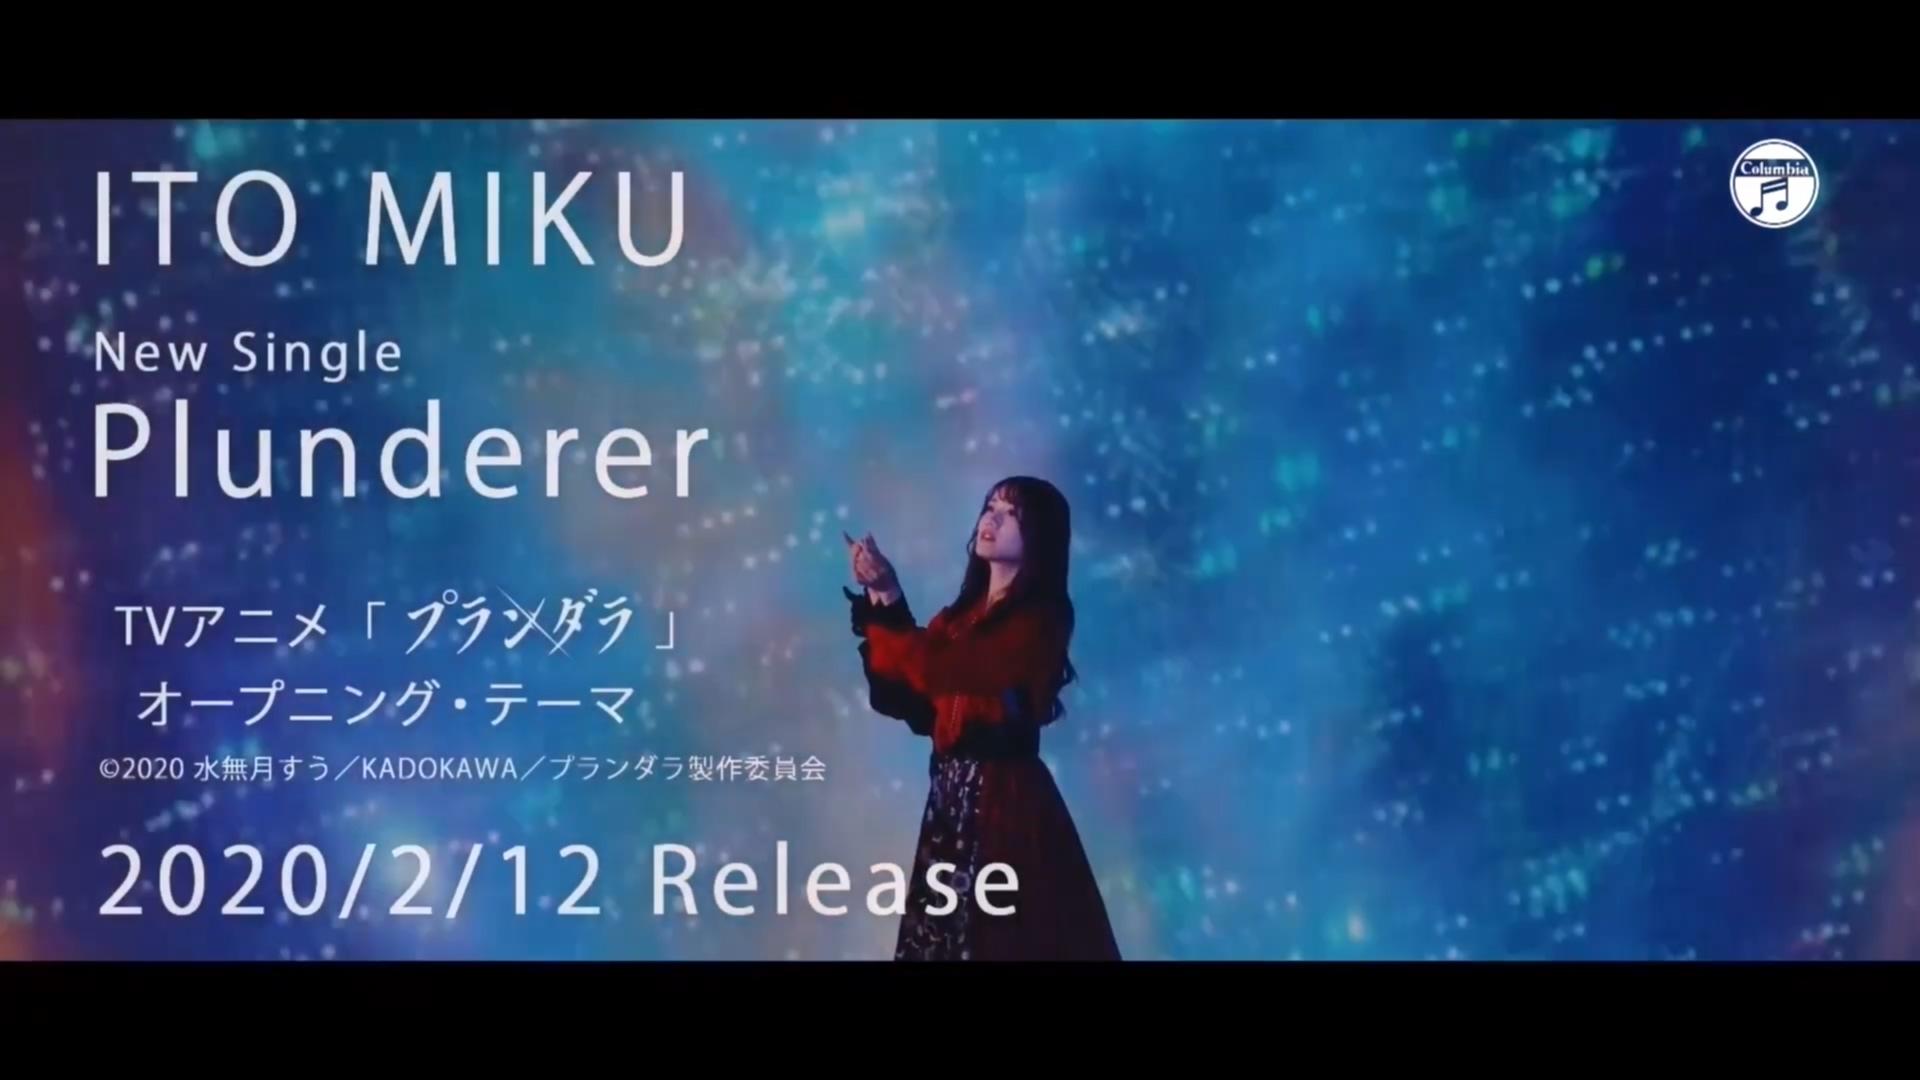 伊藤美来演唱的《星掠者》片头曲MV(Short ver.)公开 伊藤美来 ACG资讯 第3张